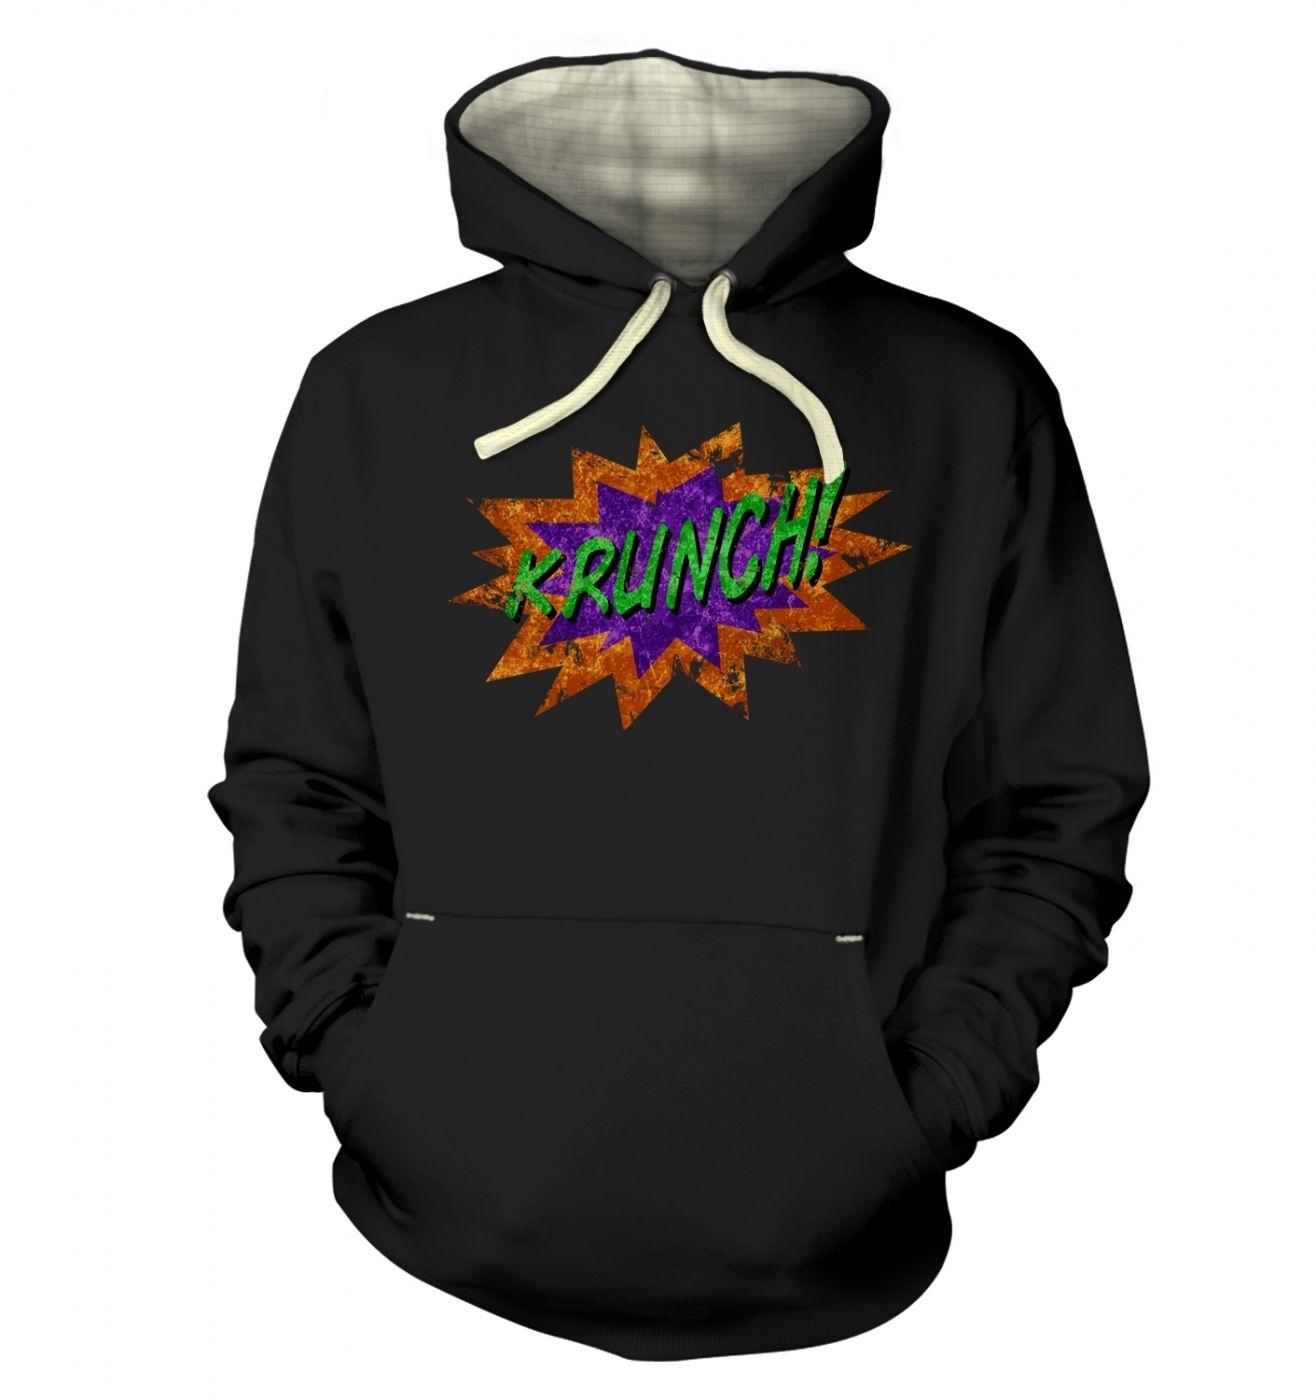 Krunch premium hoodie